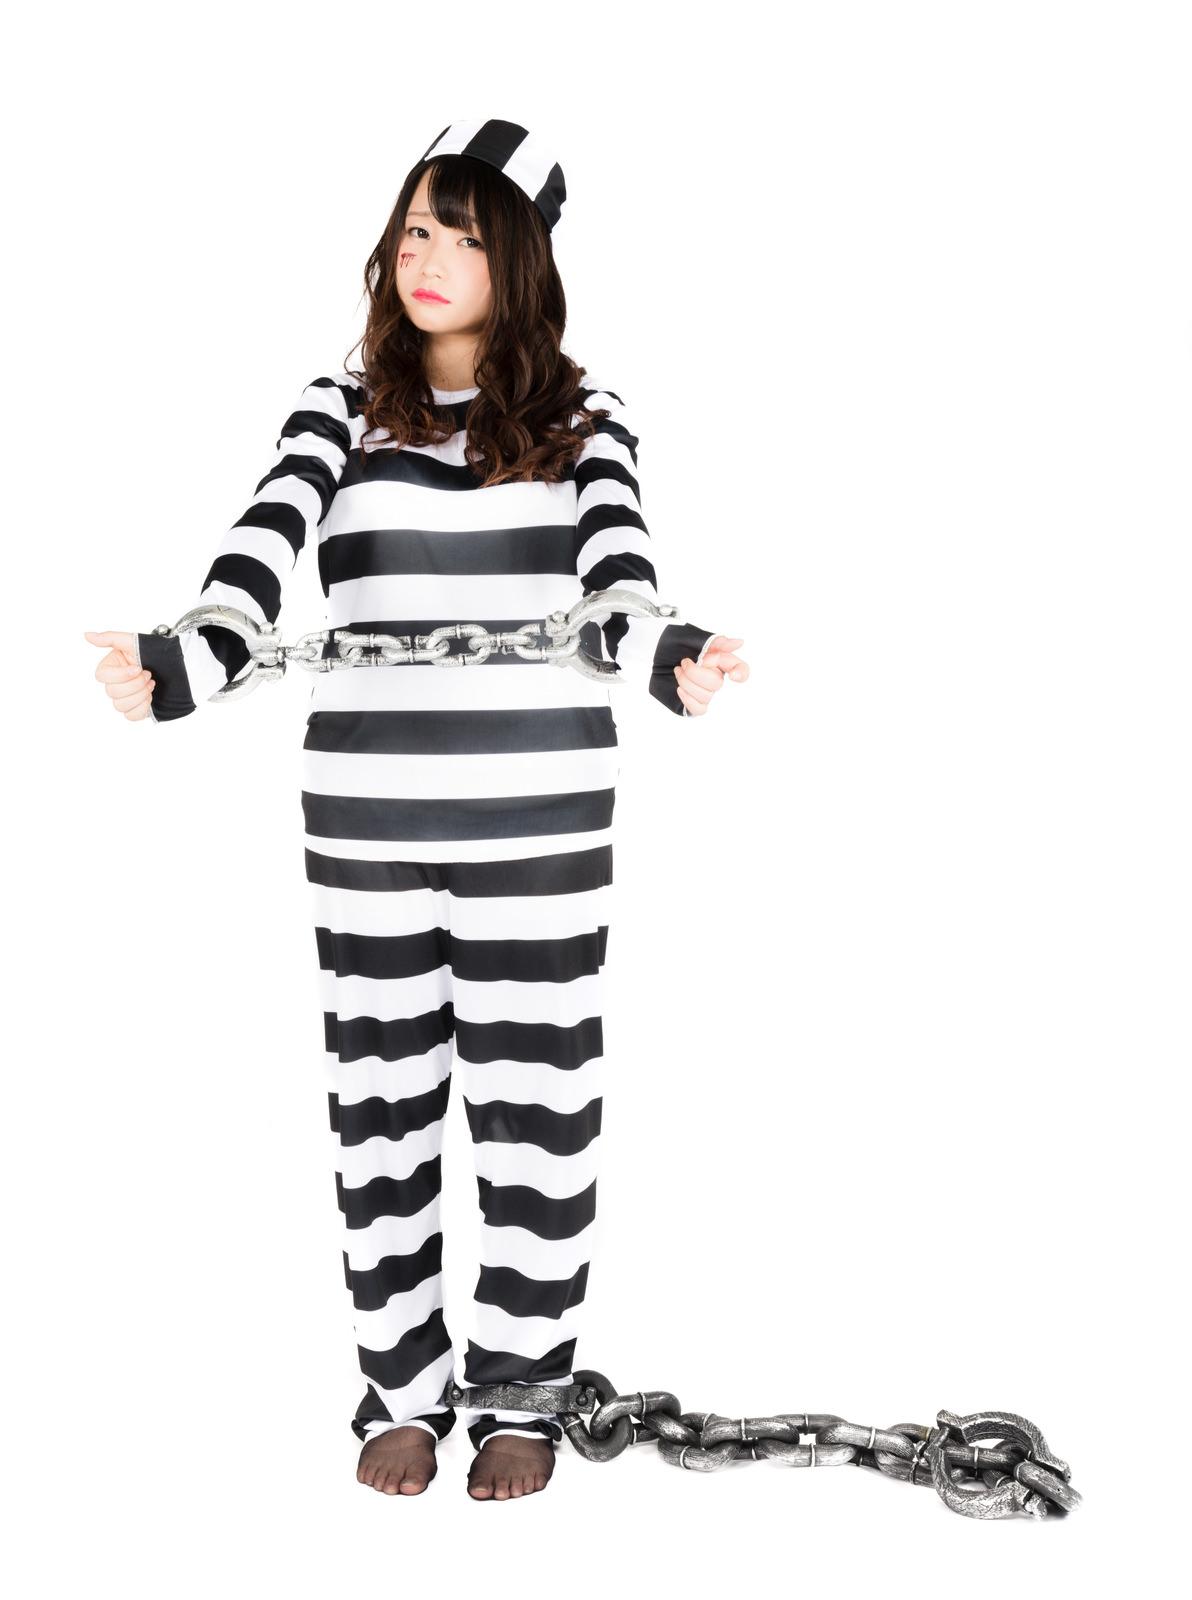 両手・両足を鎖で拘束されてしまった囚人服の美女両手・両足を鎖で拘束されてしまった囚人服の美女 [モデル:茜さや]